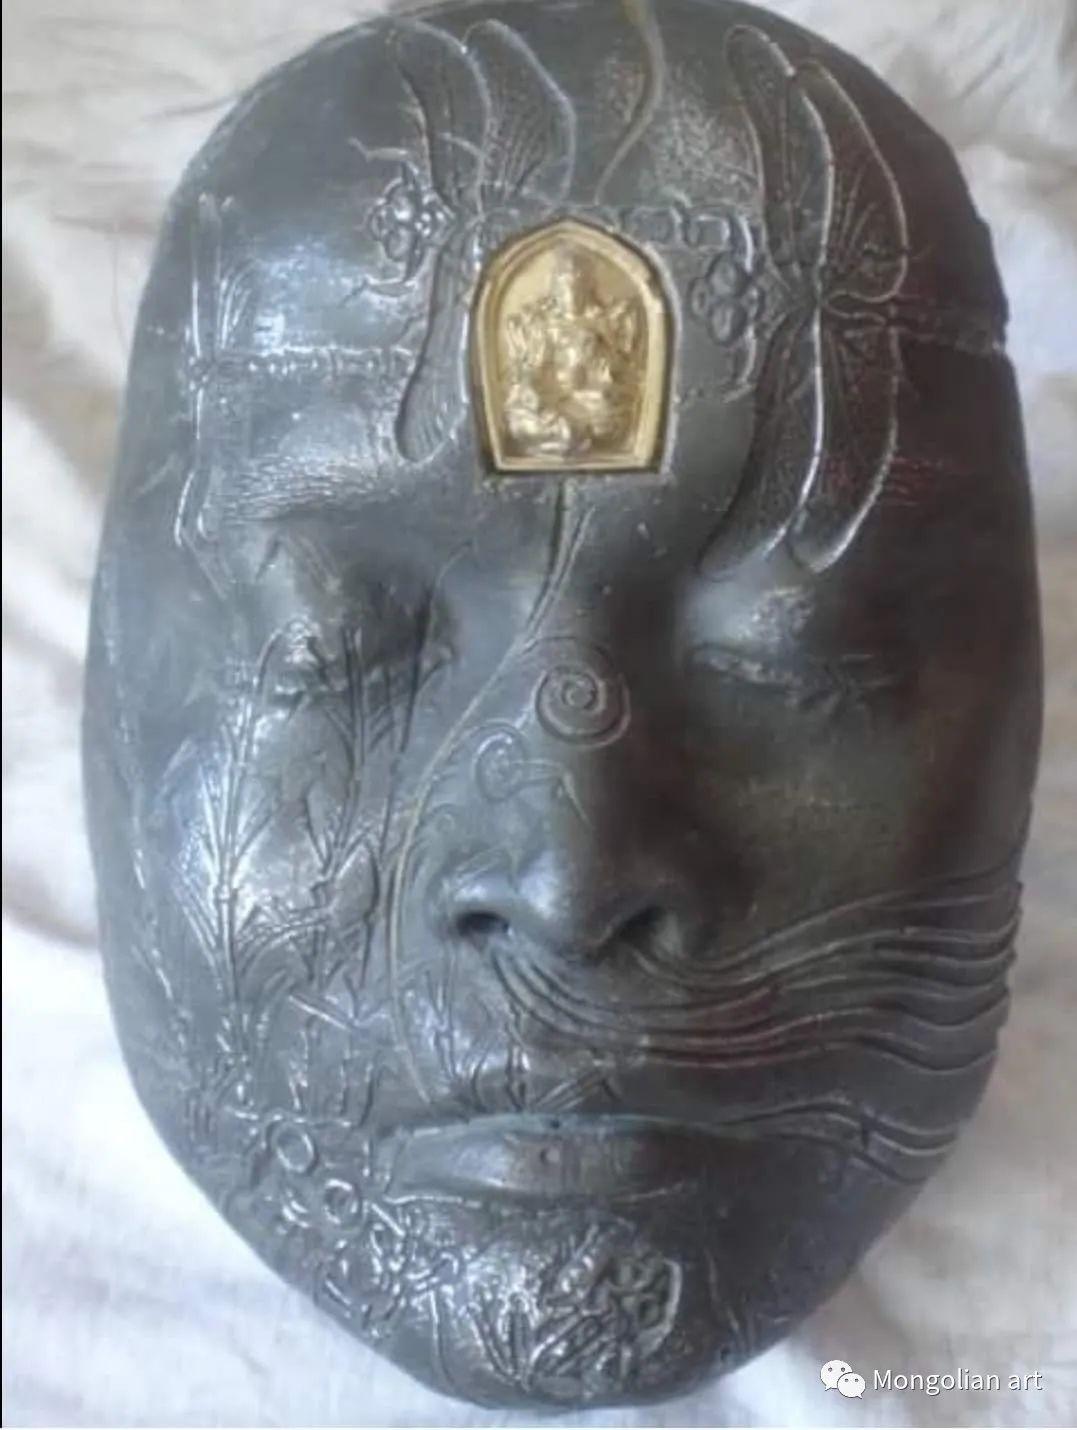 蒙古艺术博物馆获奖雕塑家Tuvdendorj Darzav 第18张 蒙古艺术博物馆获奖雕塑家Tuvdendorj Darzav 蒙古画廊